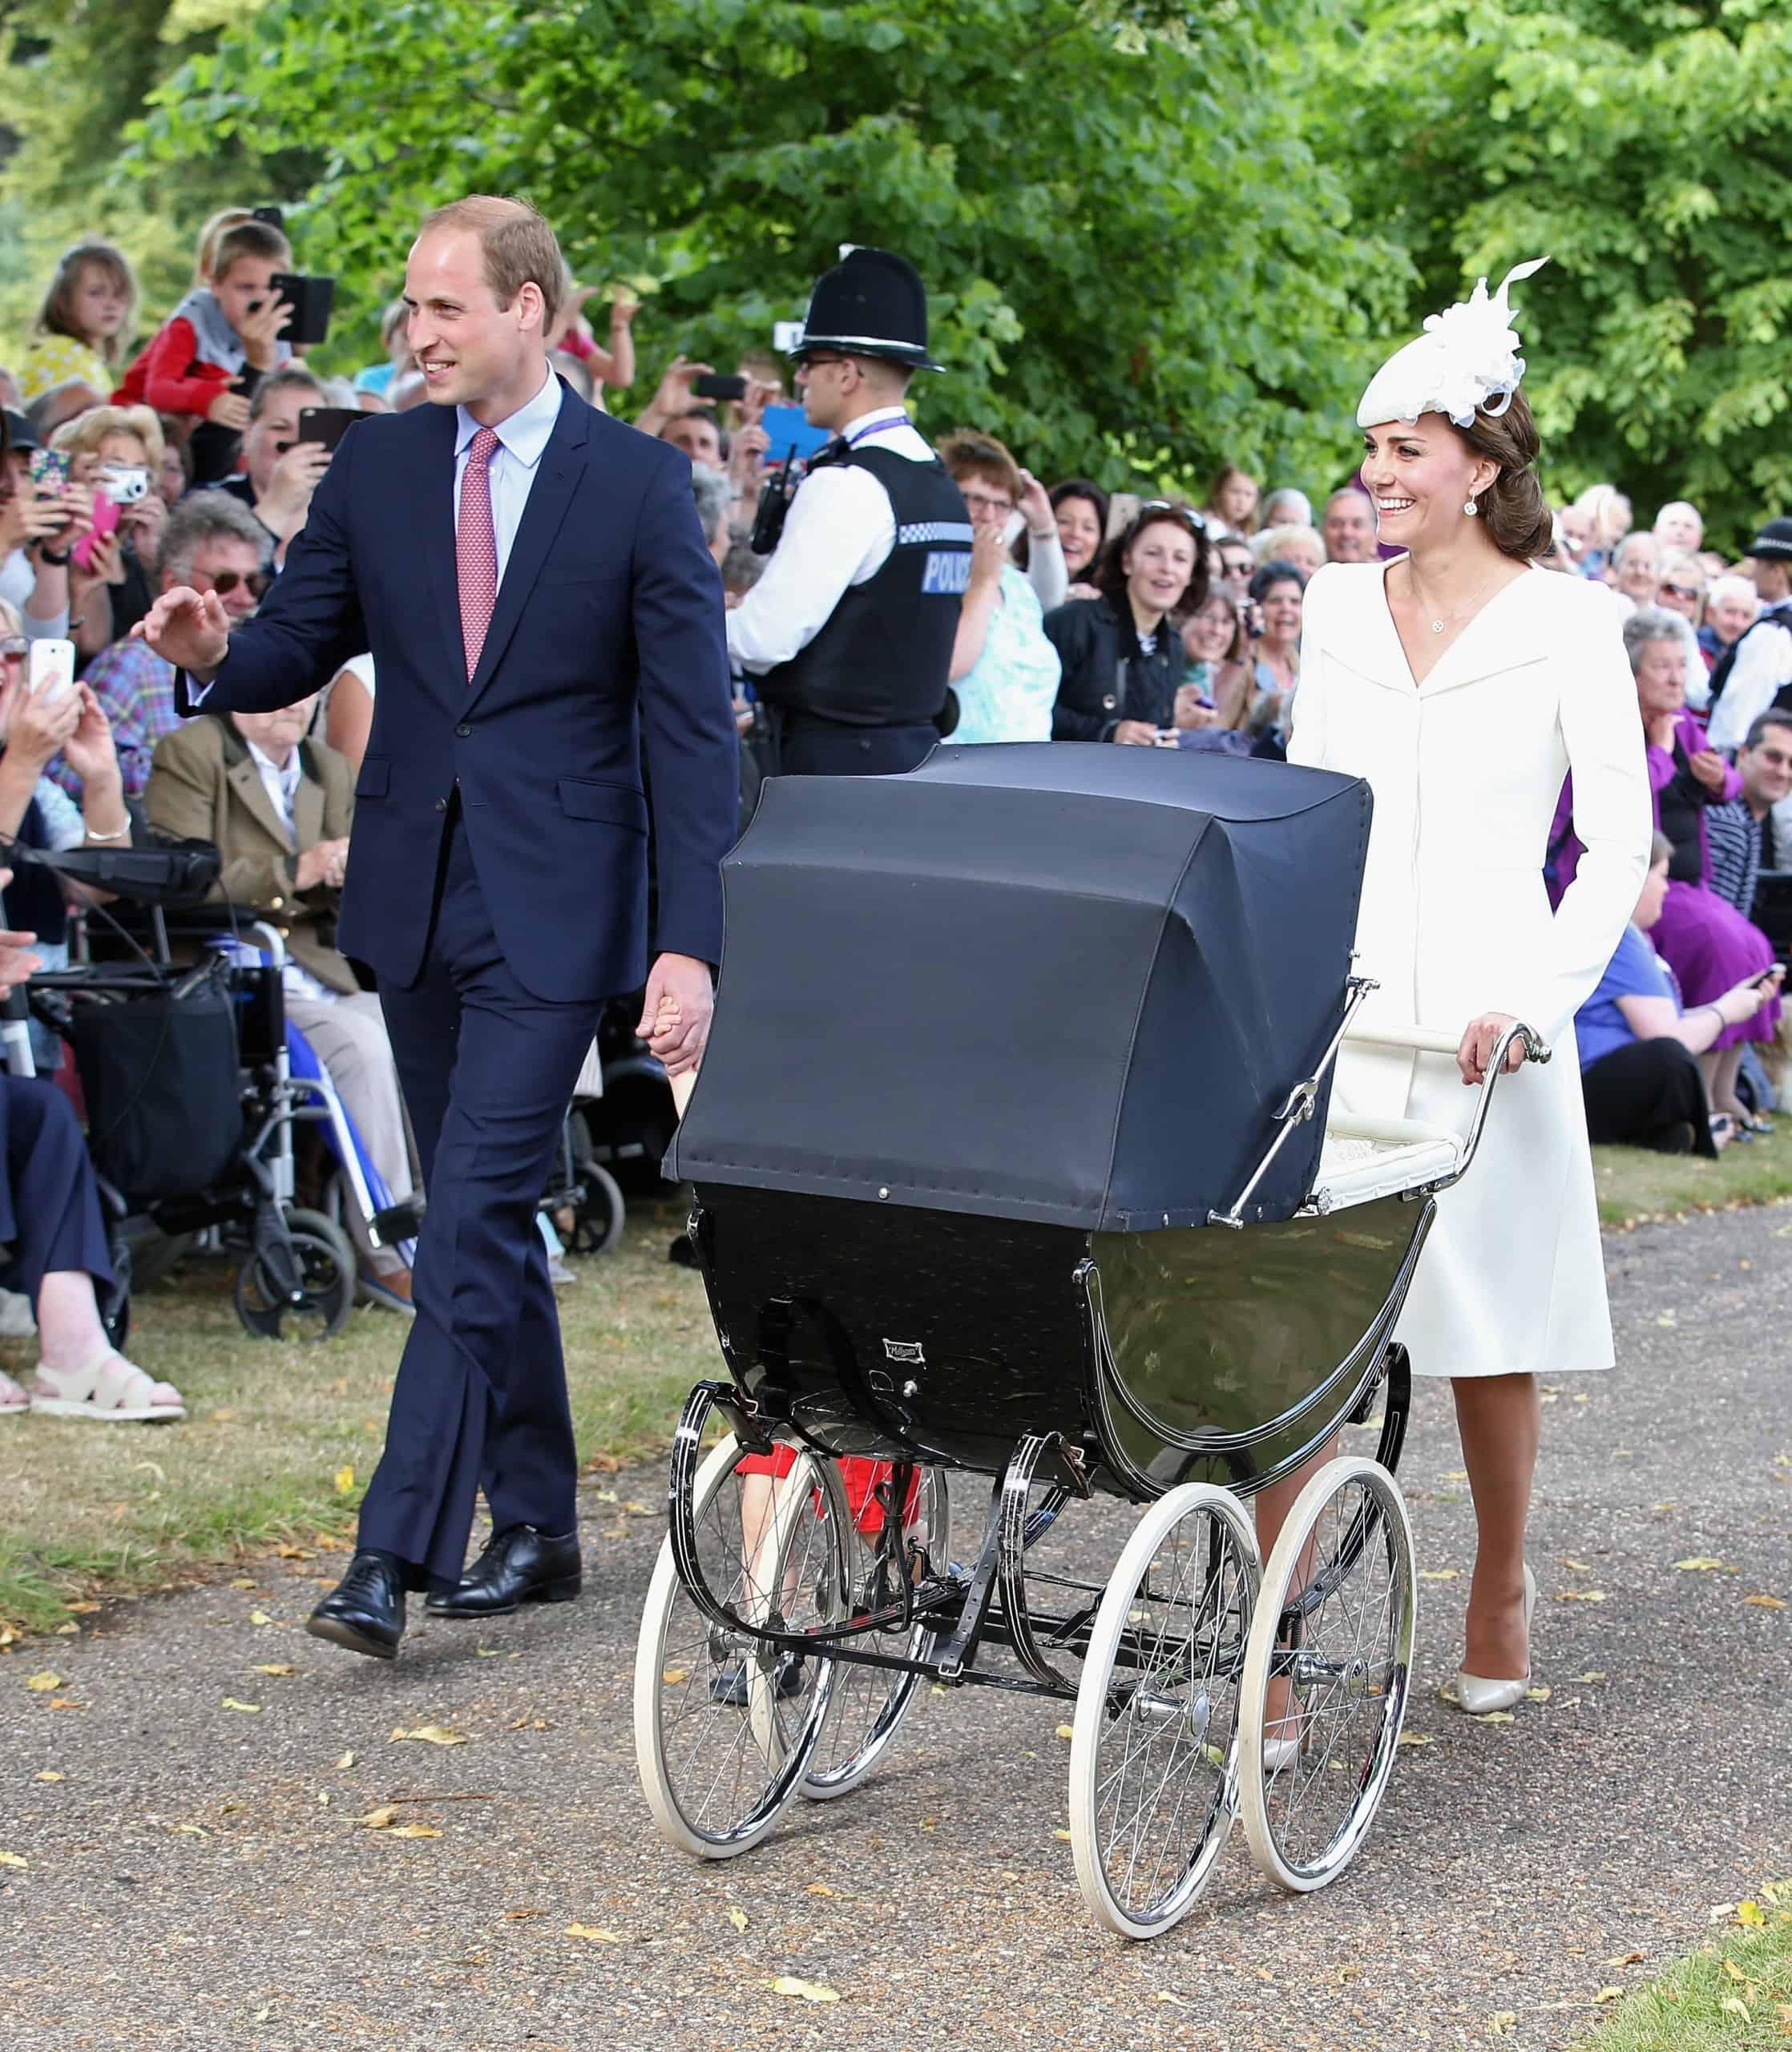 O carrinho de bebê usado por membros da realeza britânica